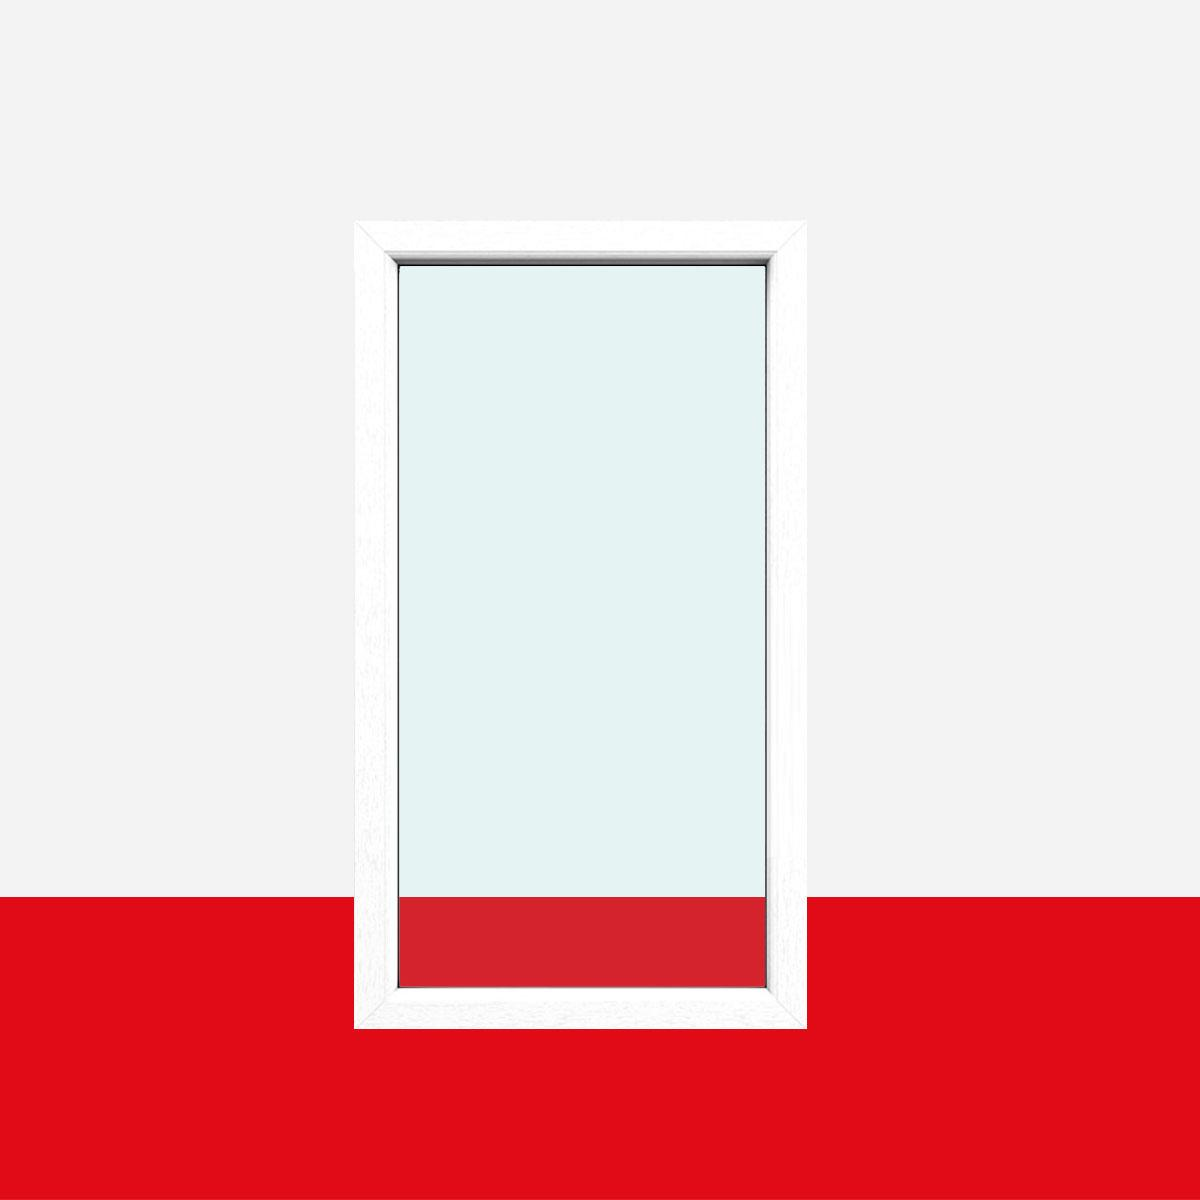 Festverglasung rahmen streifen douglasie shop fenster 1 for Fenster 2 farbig